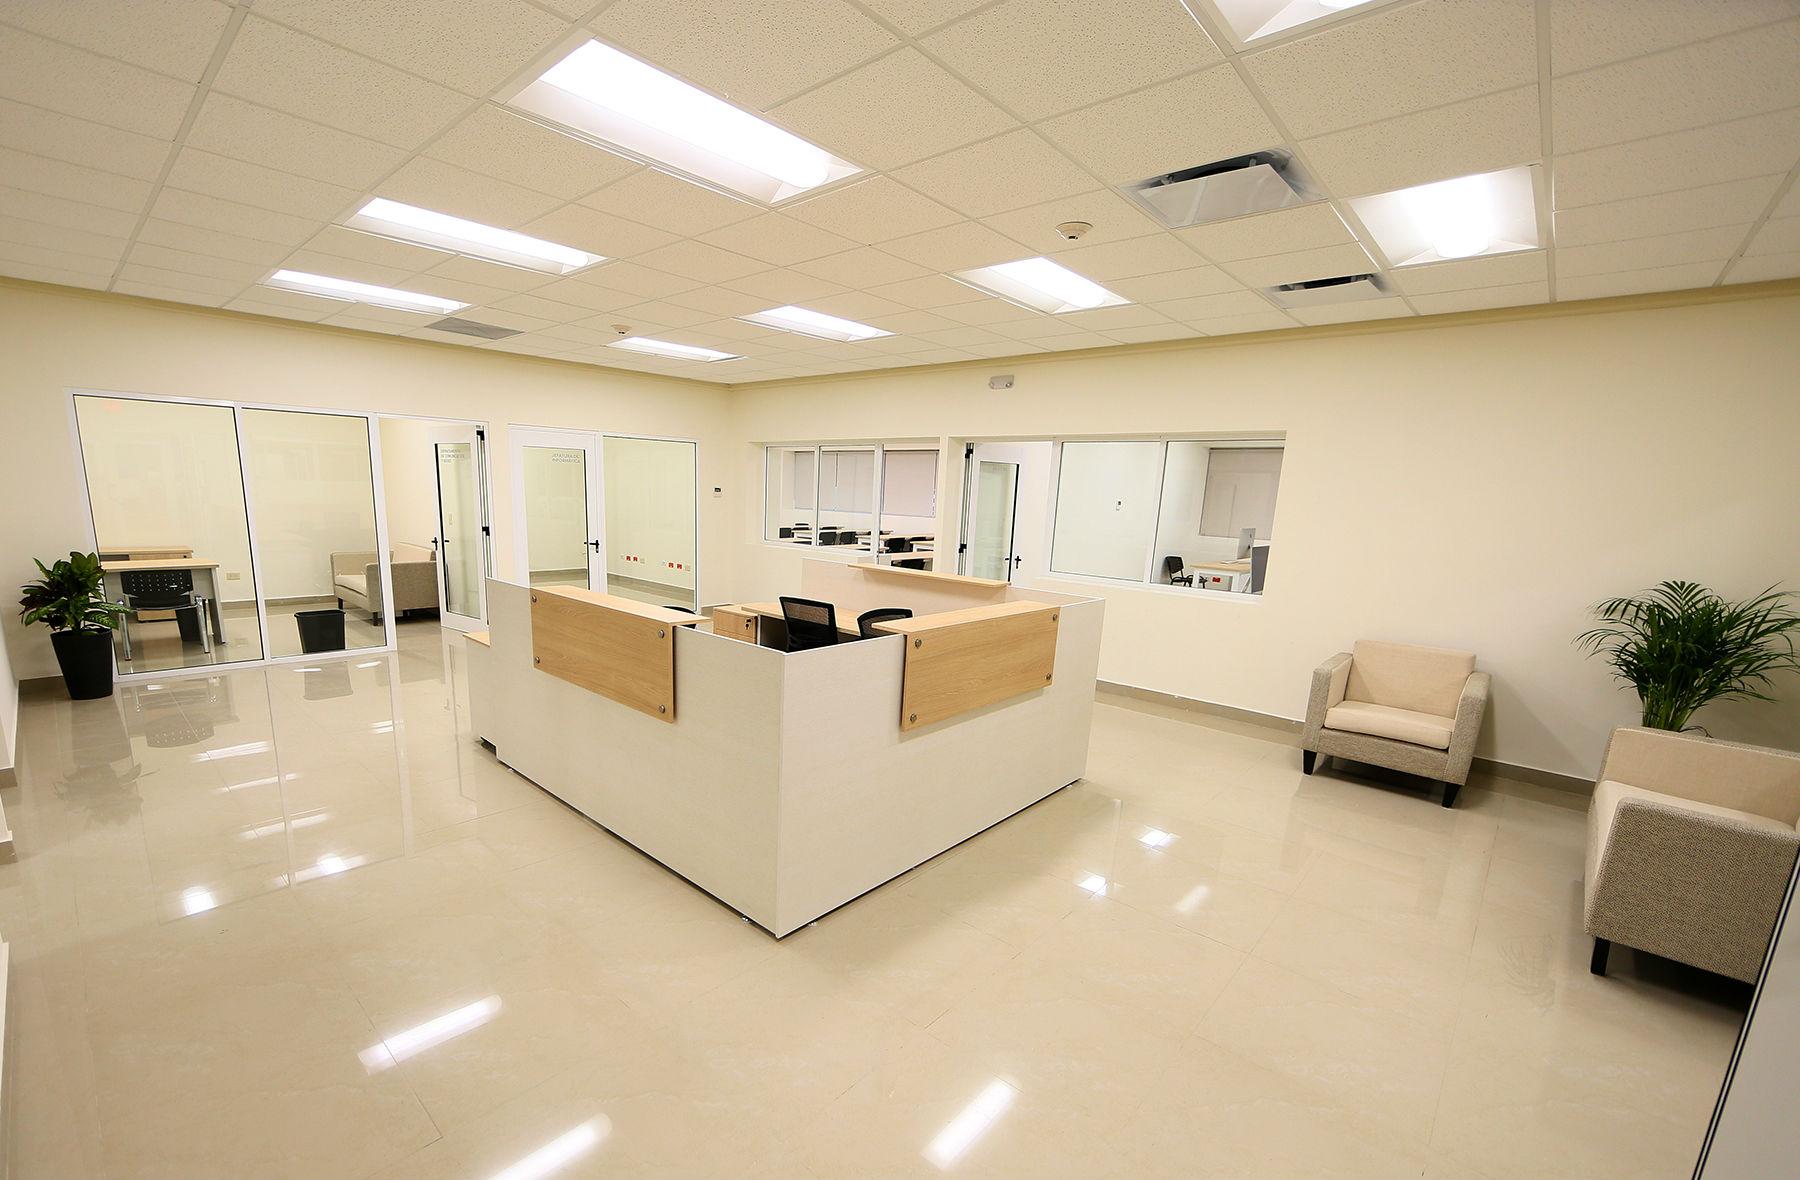 Área administrativa del nuevo edificio